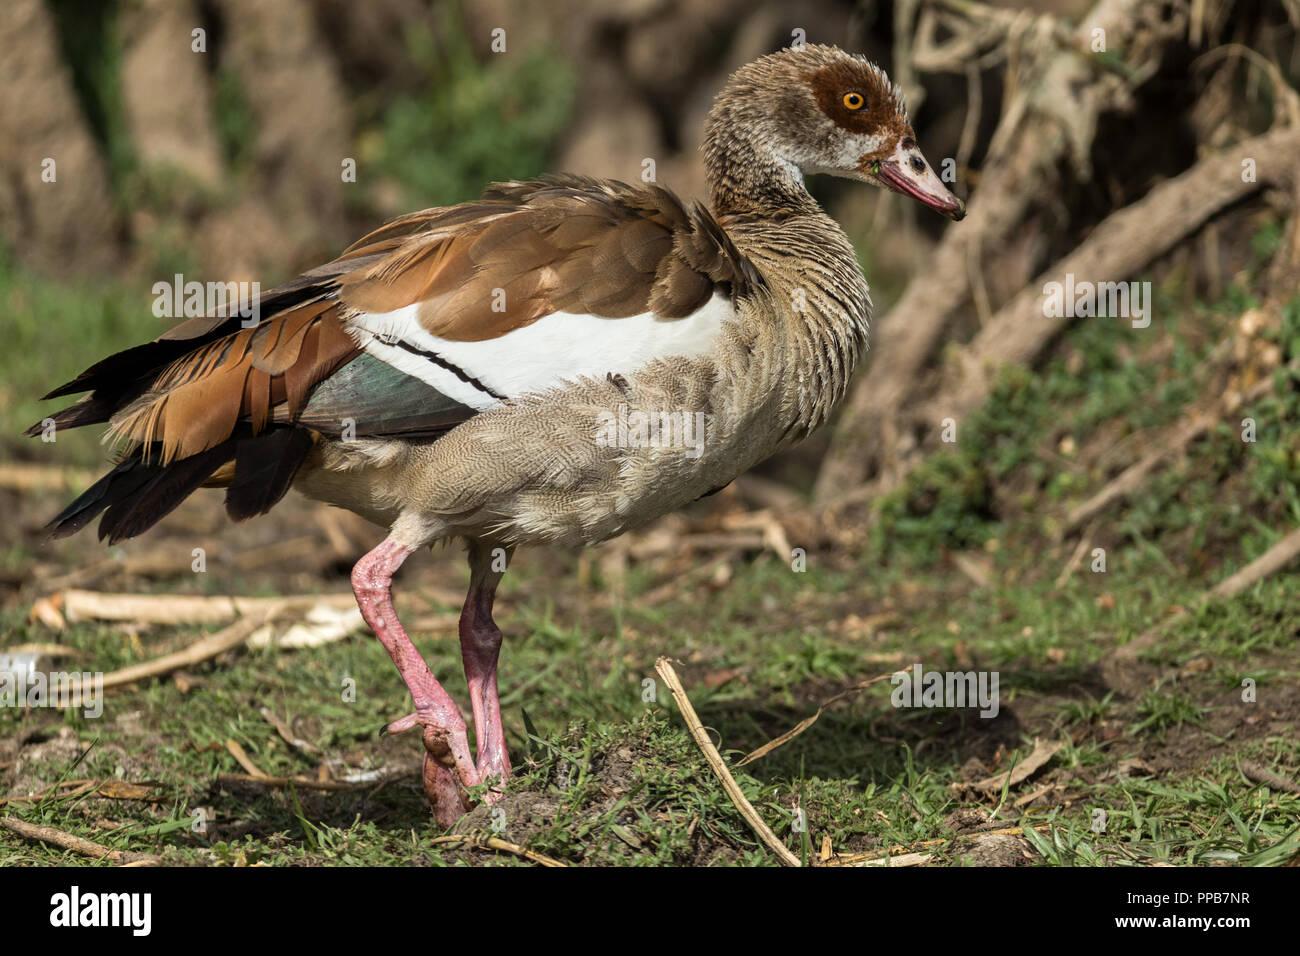 Egyptian Goose, Alopochen aegyptiaca, Lake Ziway, Ethiopia - Stock Image